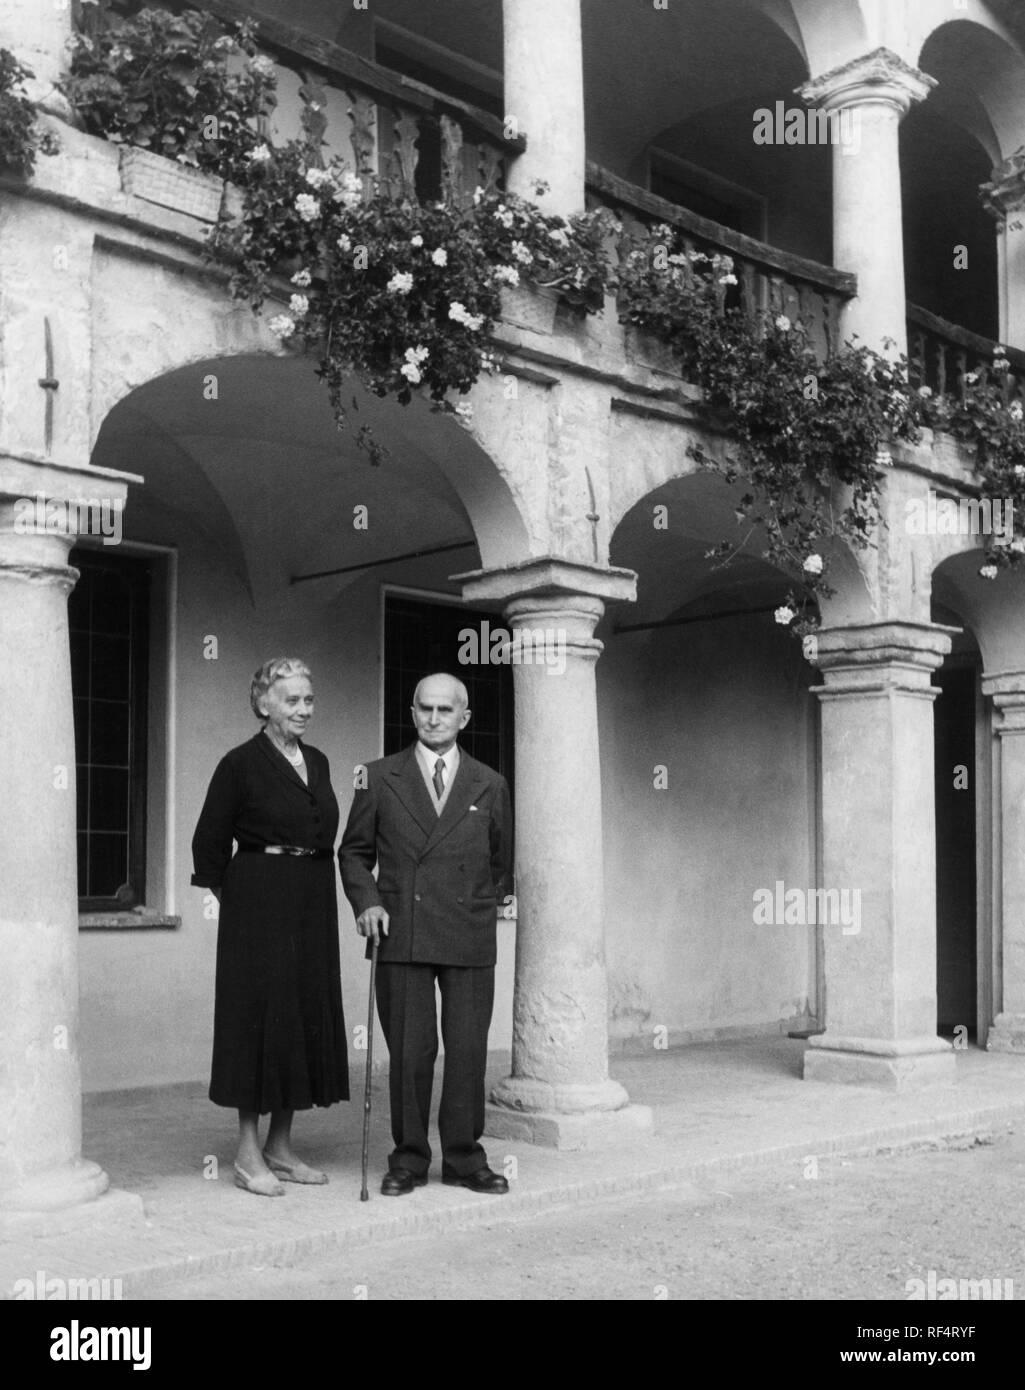 luigi einaudi with ida, 1960 Stock Photo